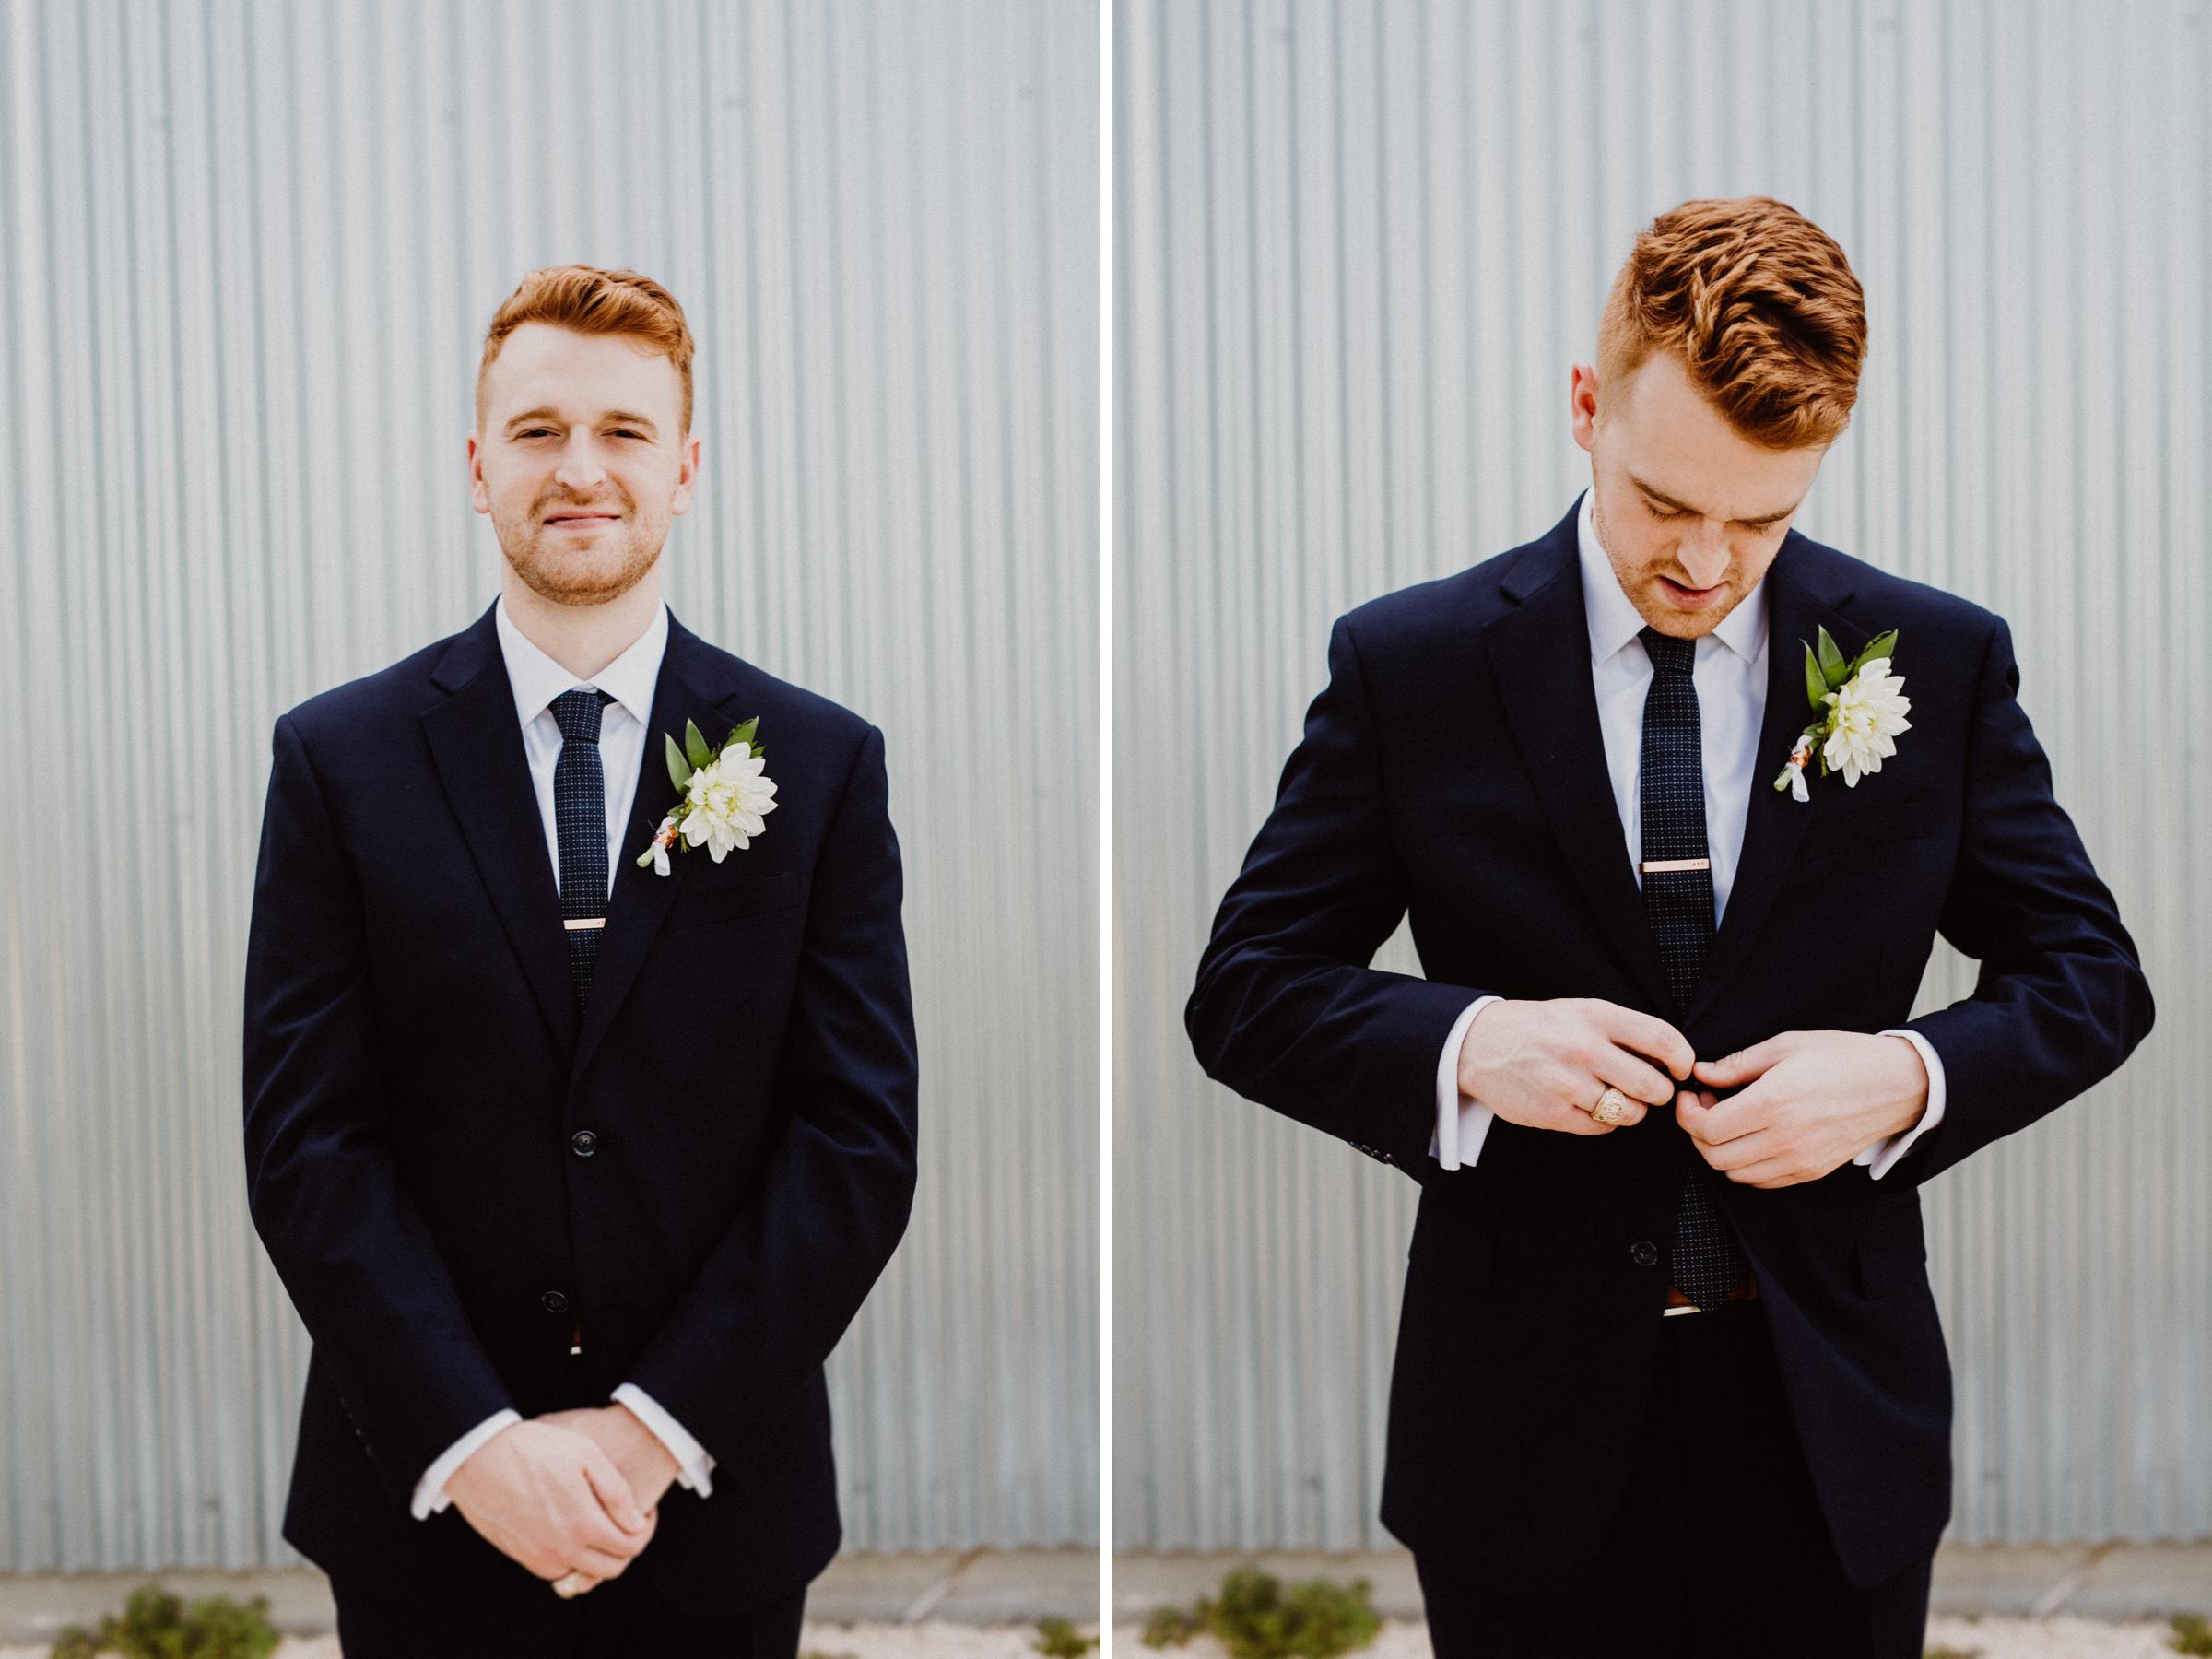 prospect-house-wedding-7jpg.jpg